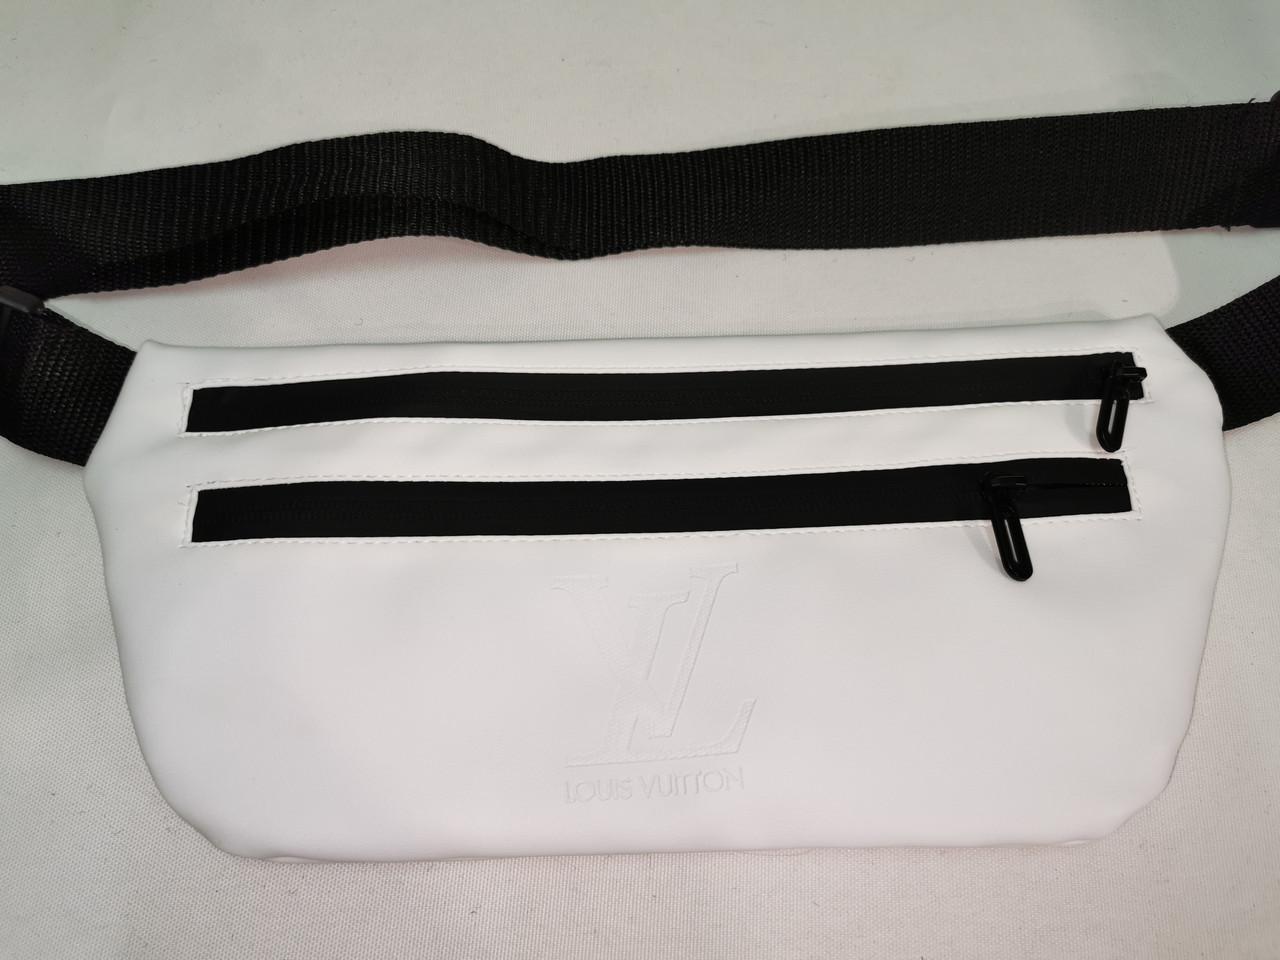 (19*39-большое)Последняя модная унисекс LV сумка на пояс  искусств кожа женский и мужские пояс Бананка оптом